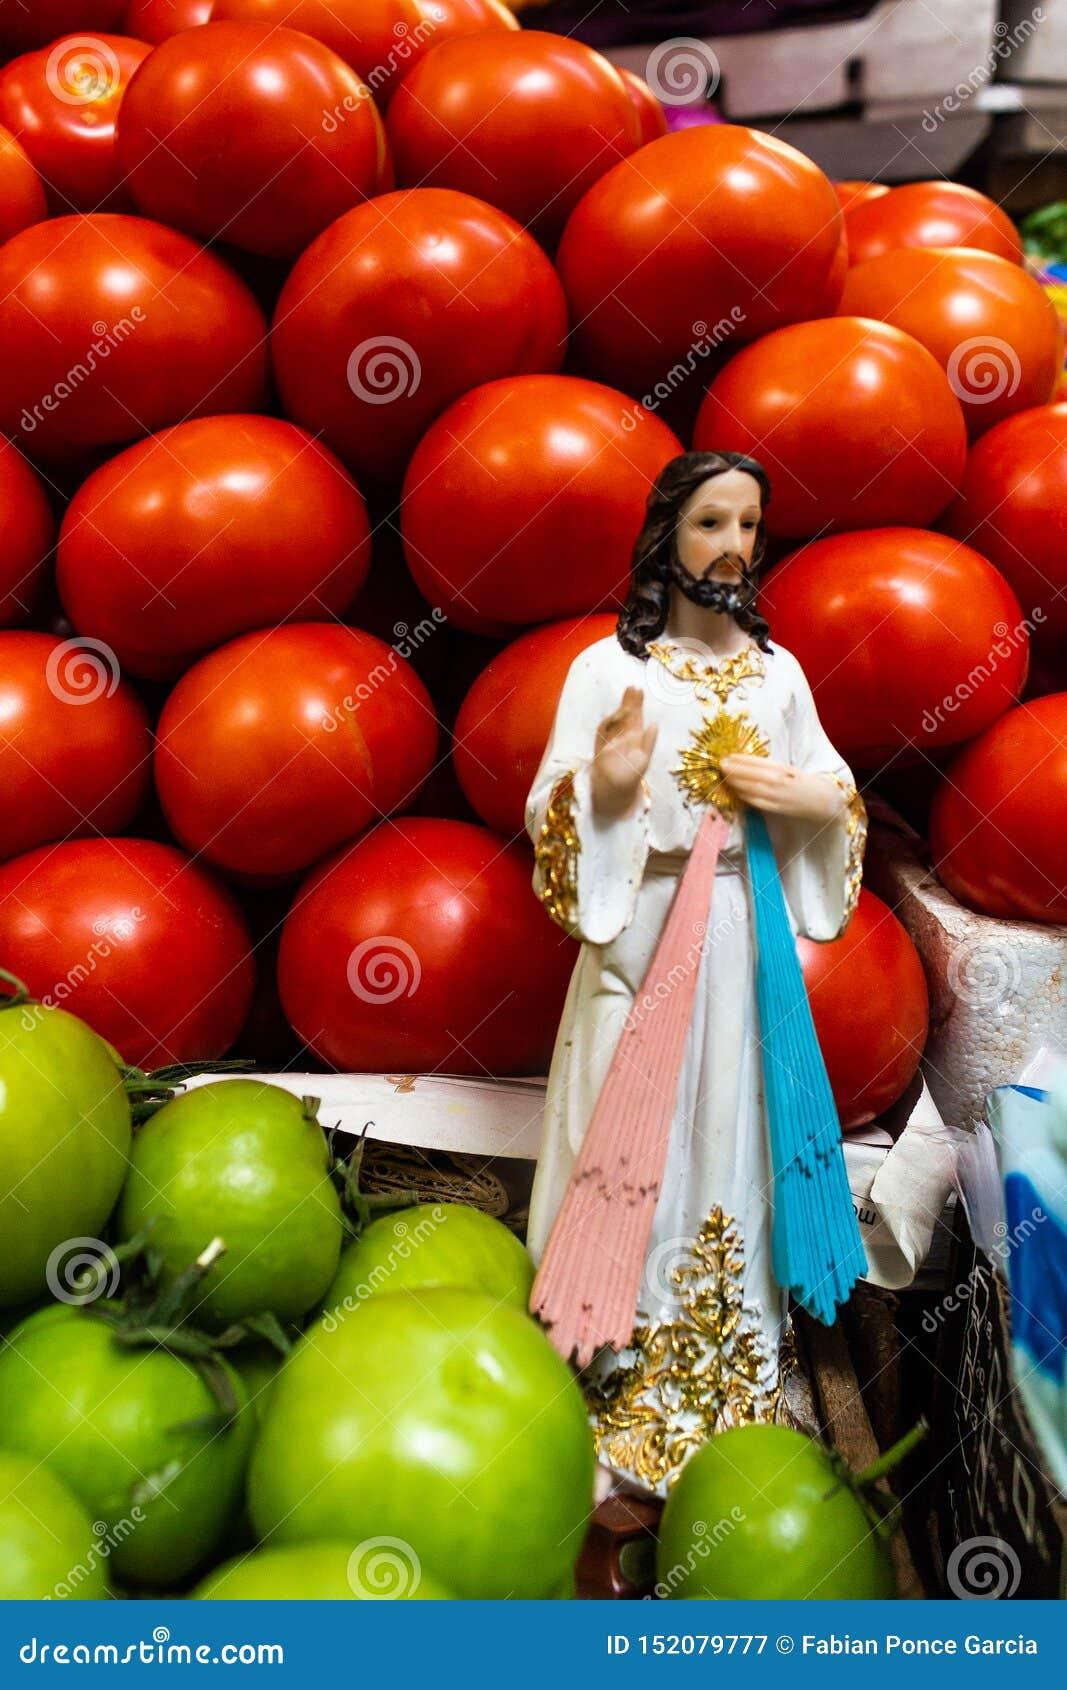 Religiöse Figur mitten in den roten und grünen Tomaten an einem Marktstall